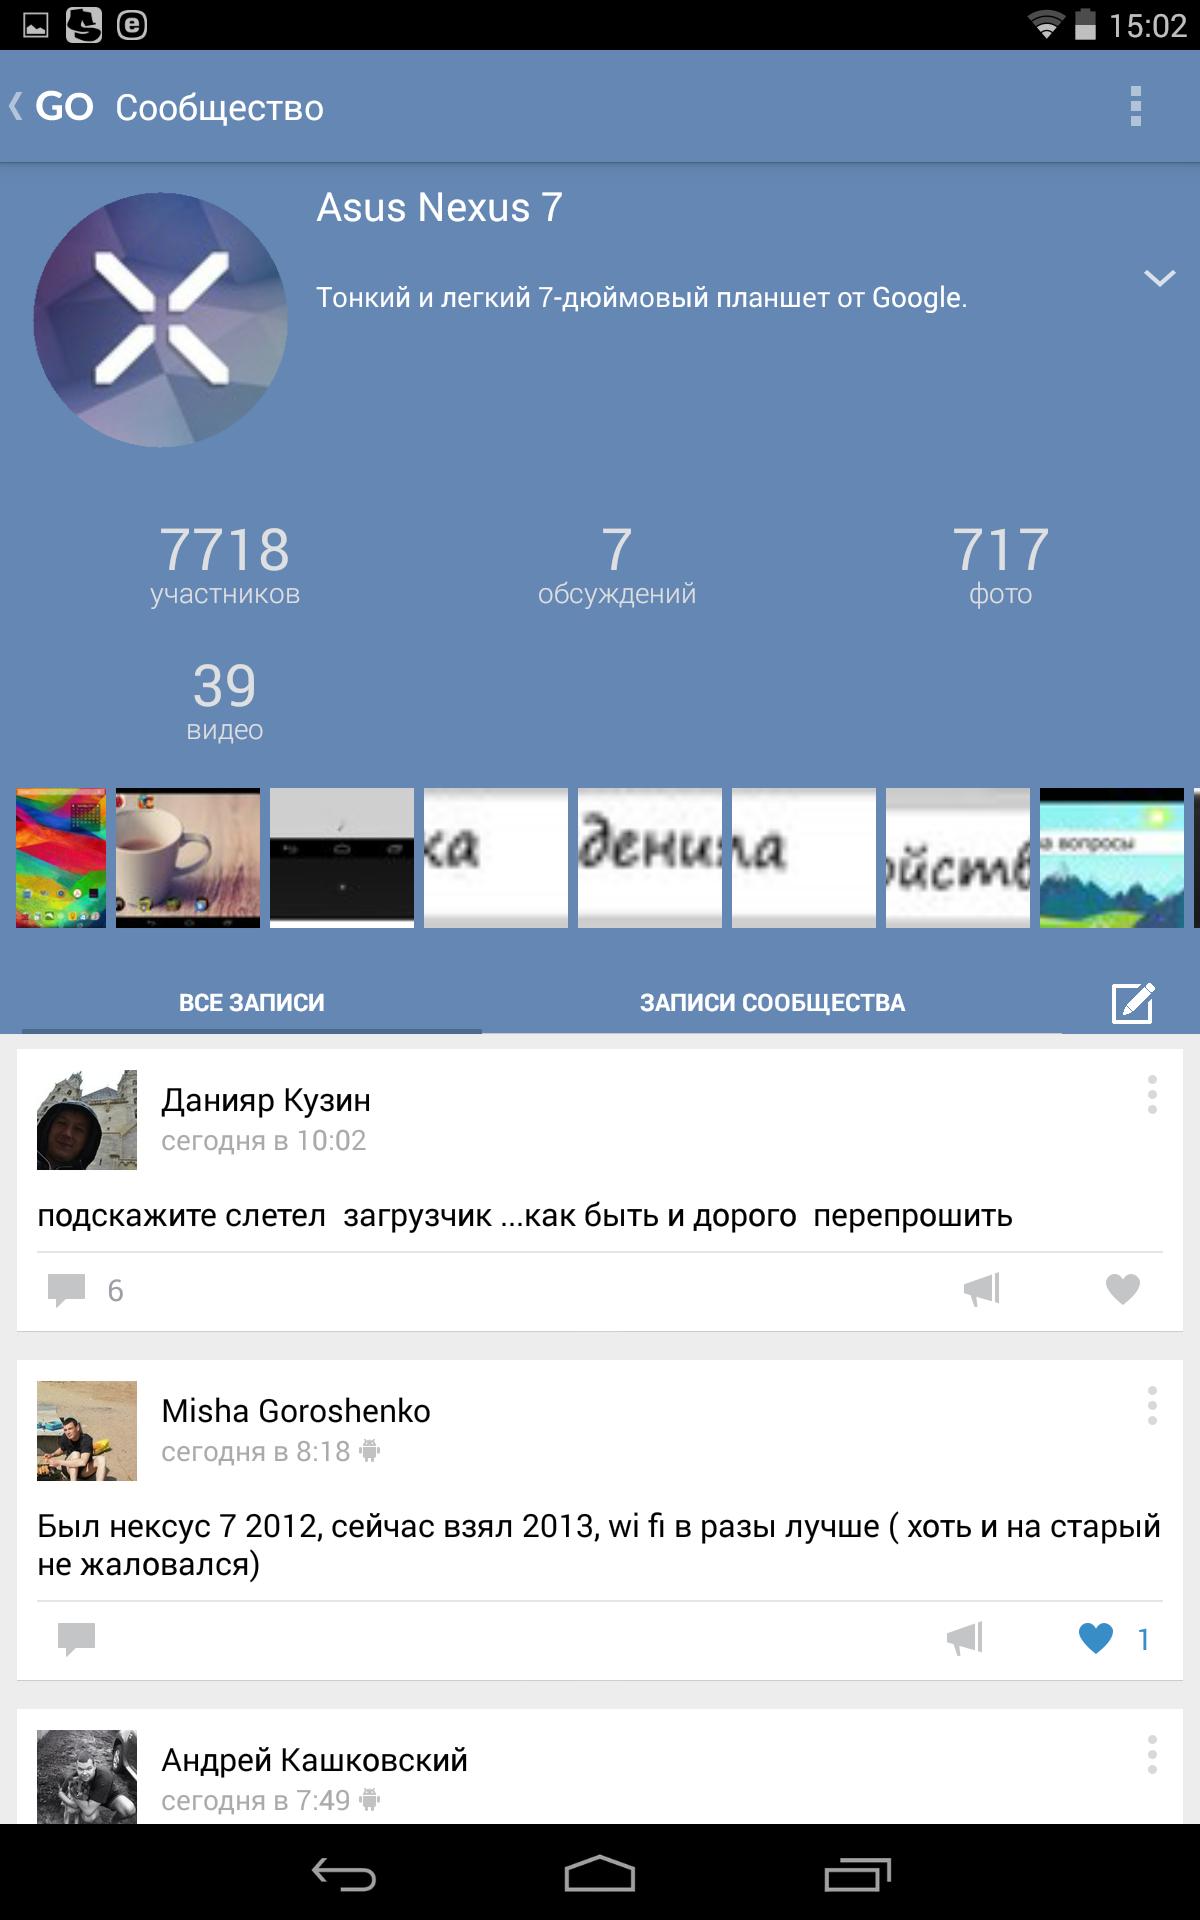 Новое приложение вконтакте для android версии 3. 0 сайт о вк.